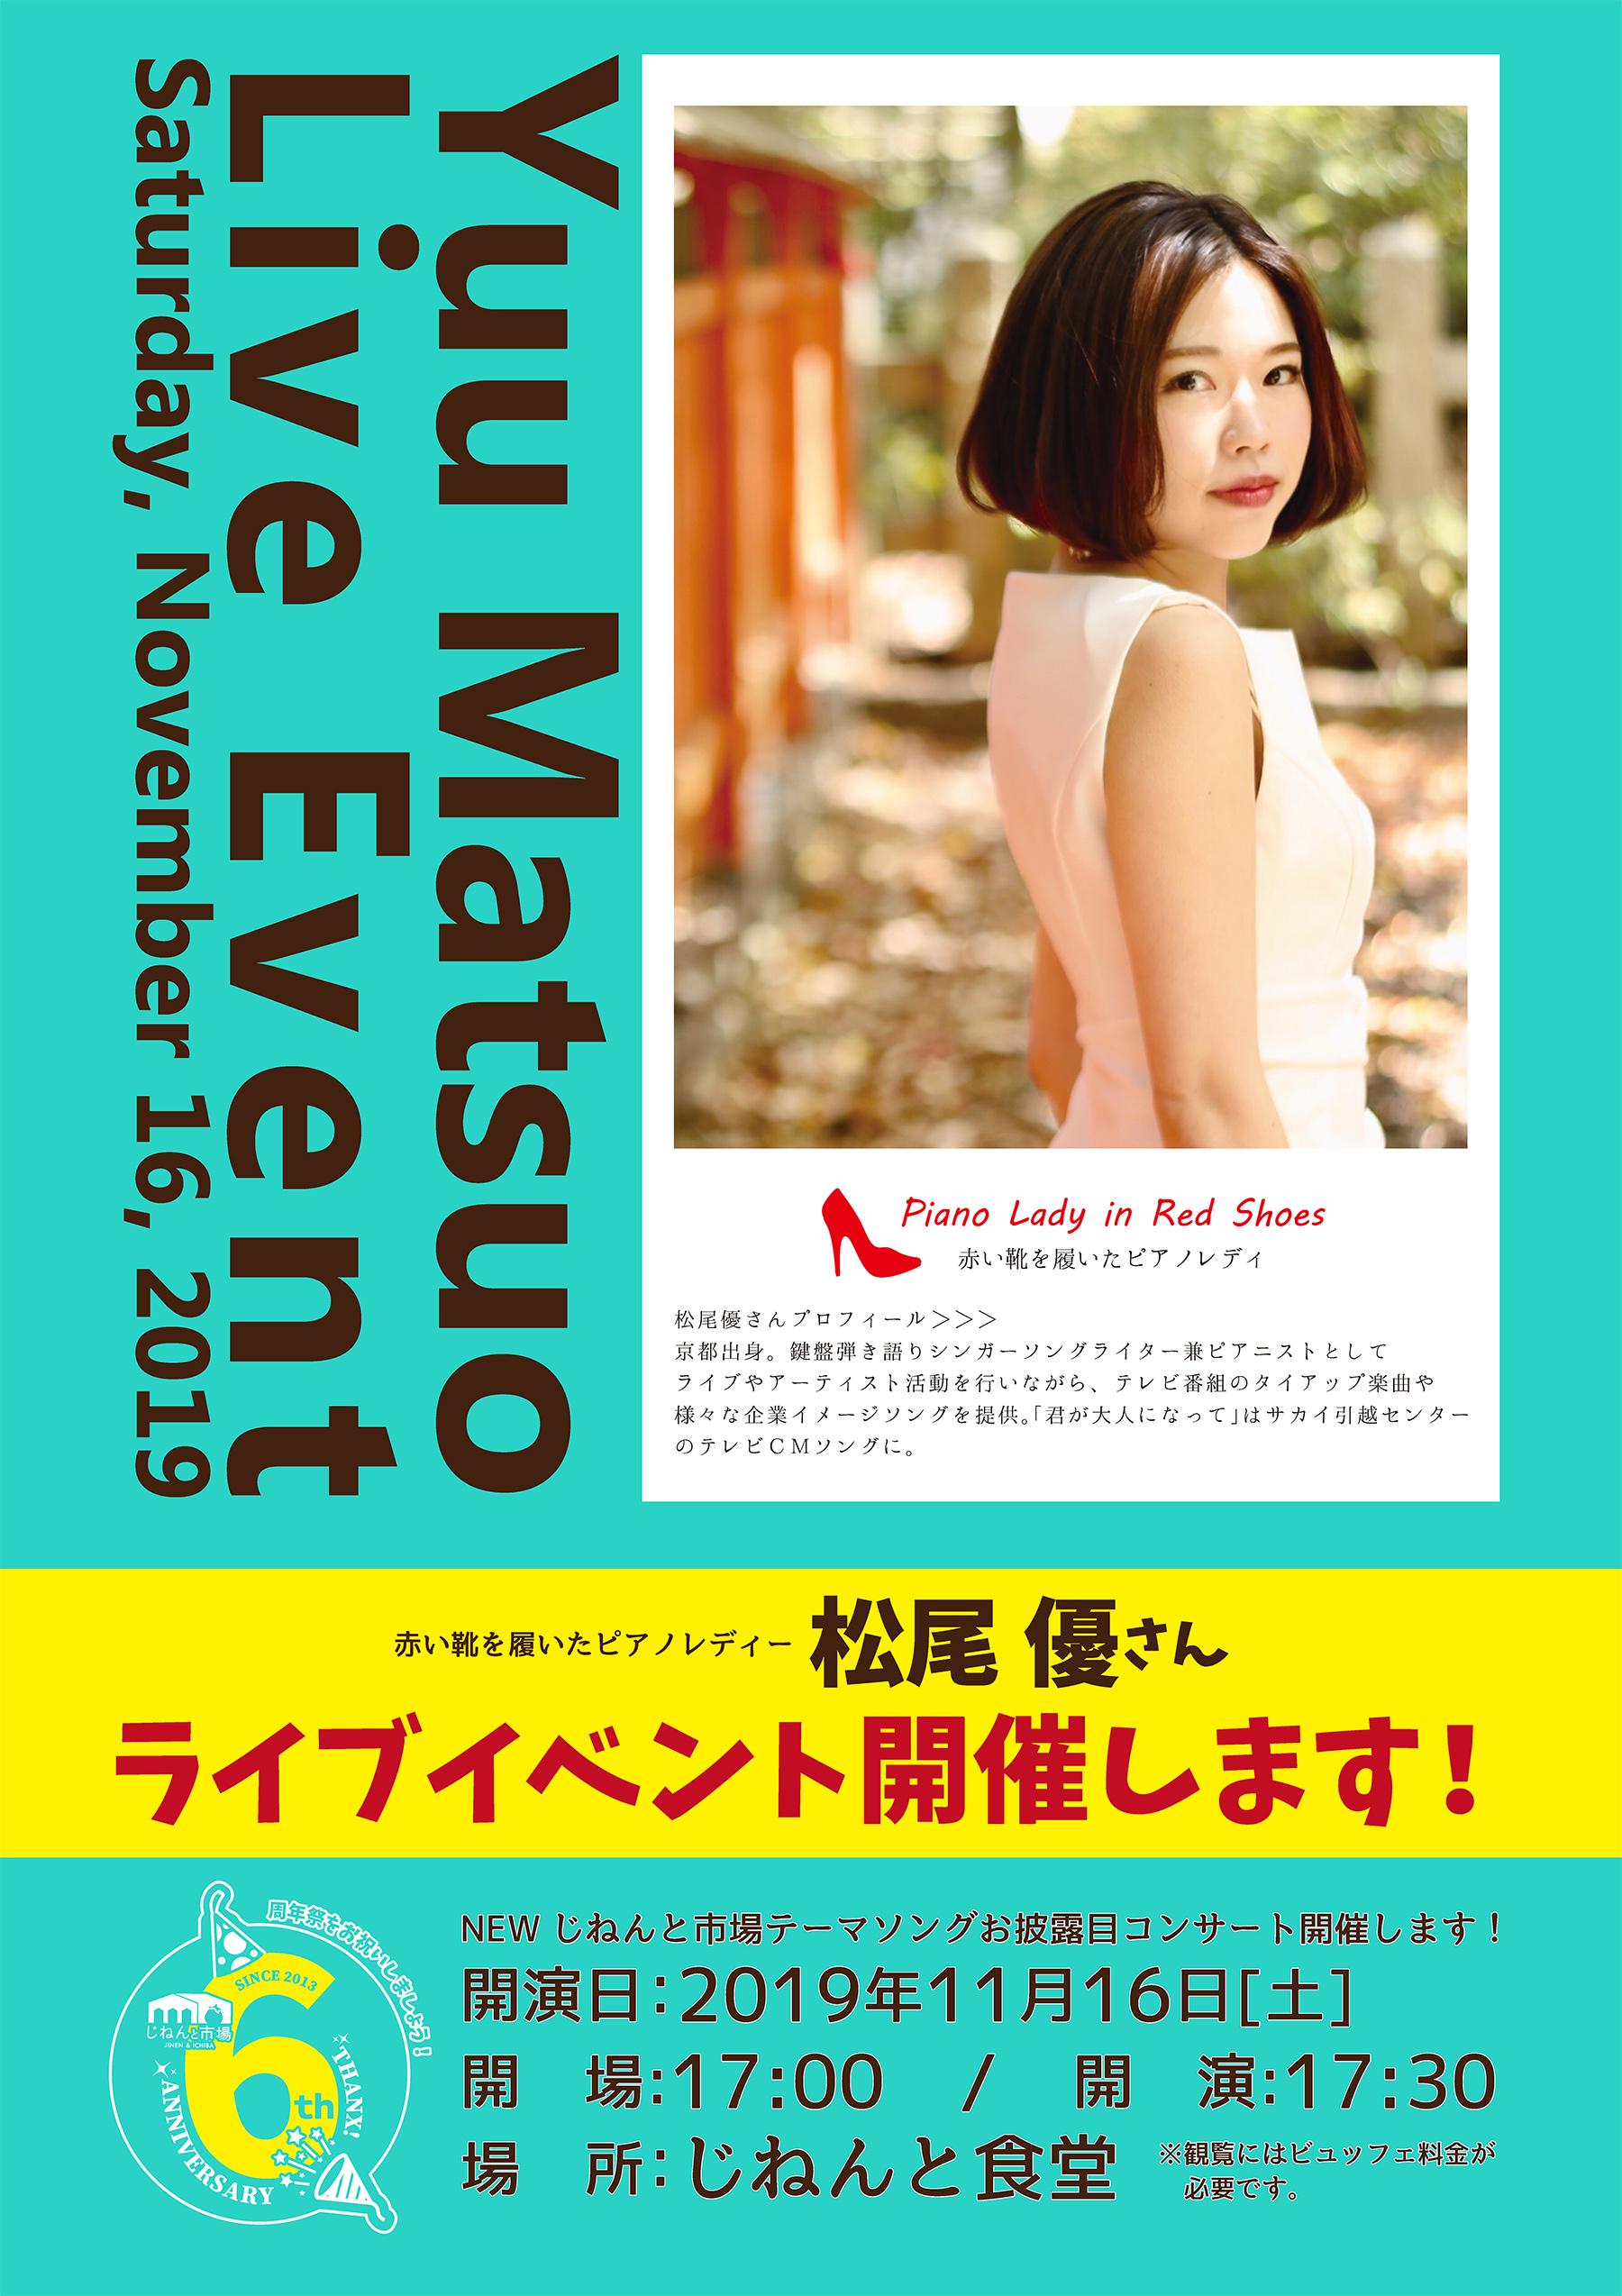 松尾優さんライブイベントを開催